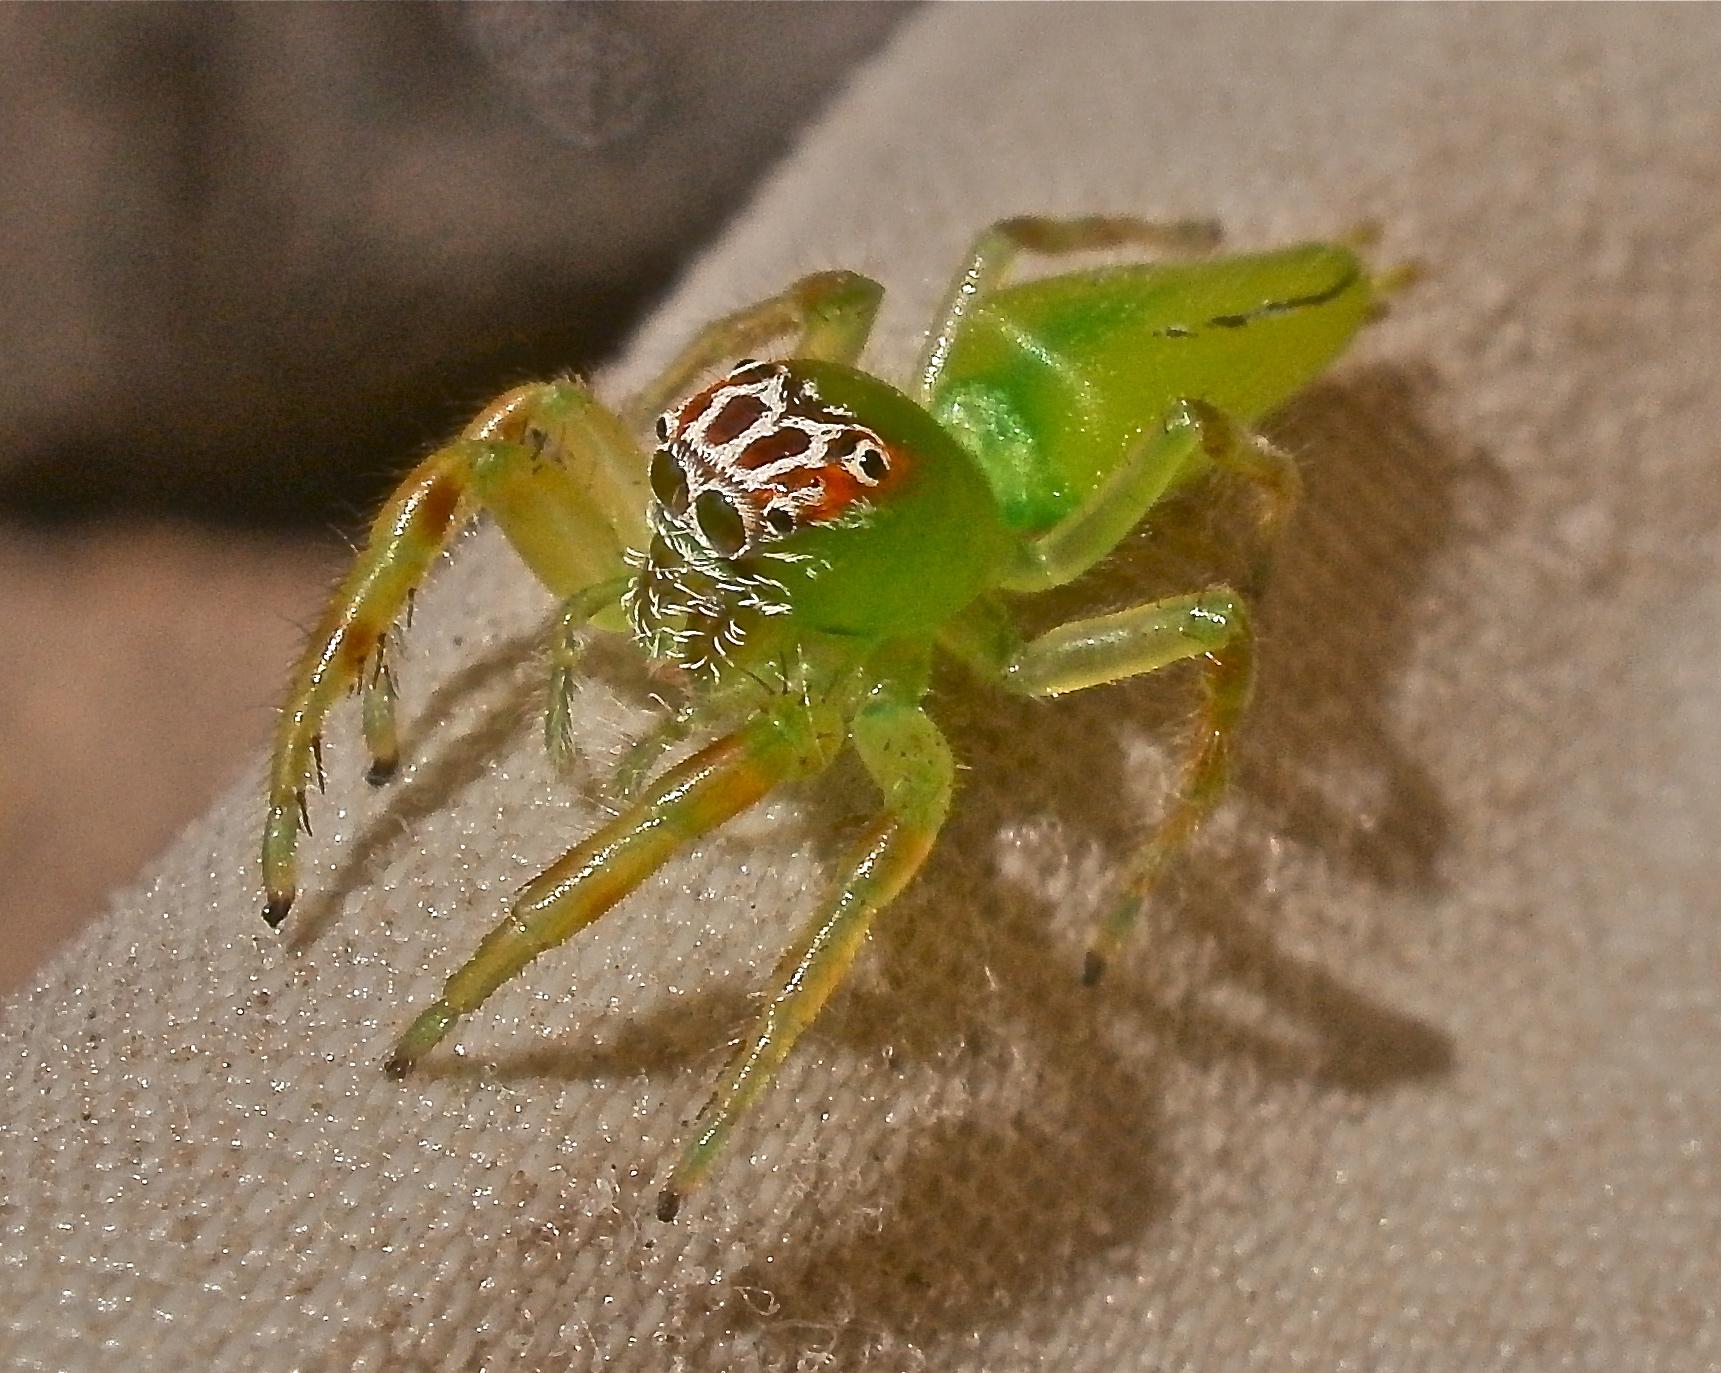 Mopus_Mormon_Spider.jpg